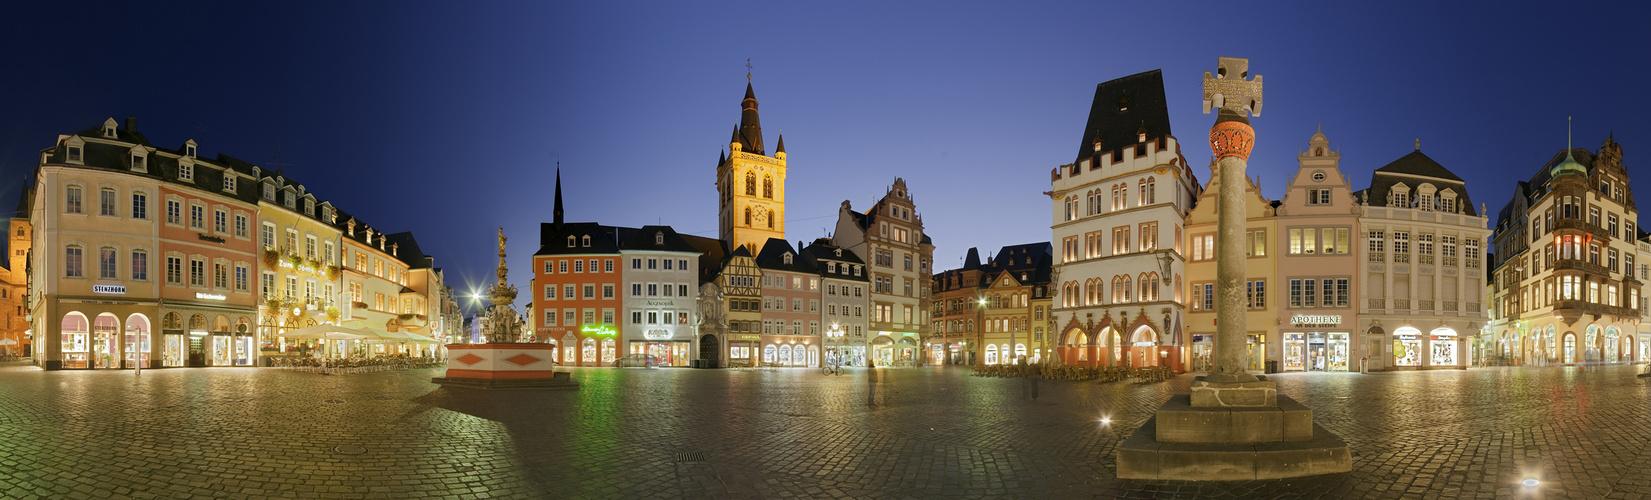 Marktplatz Trier beleuchtet Panorama